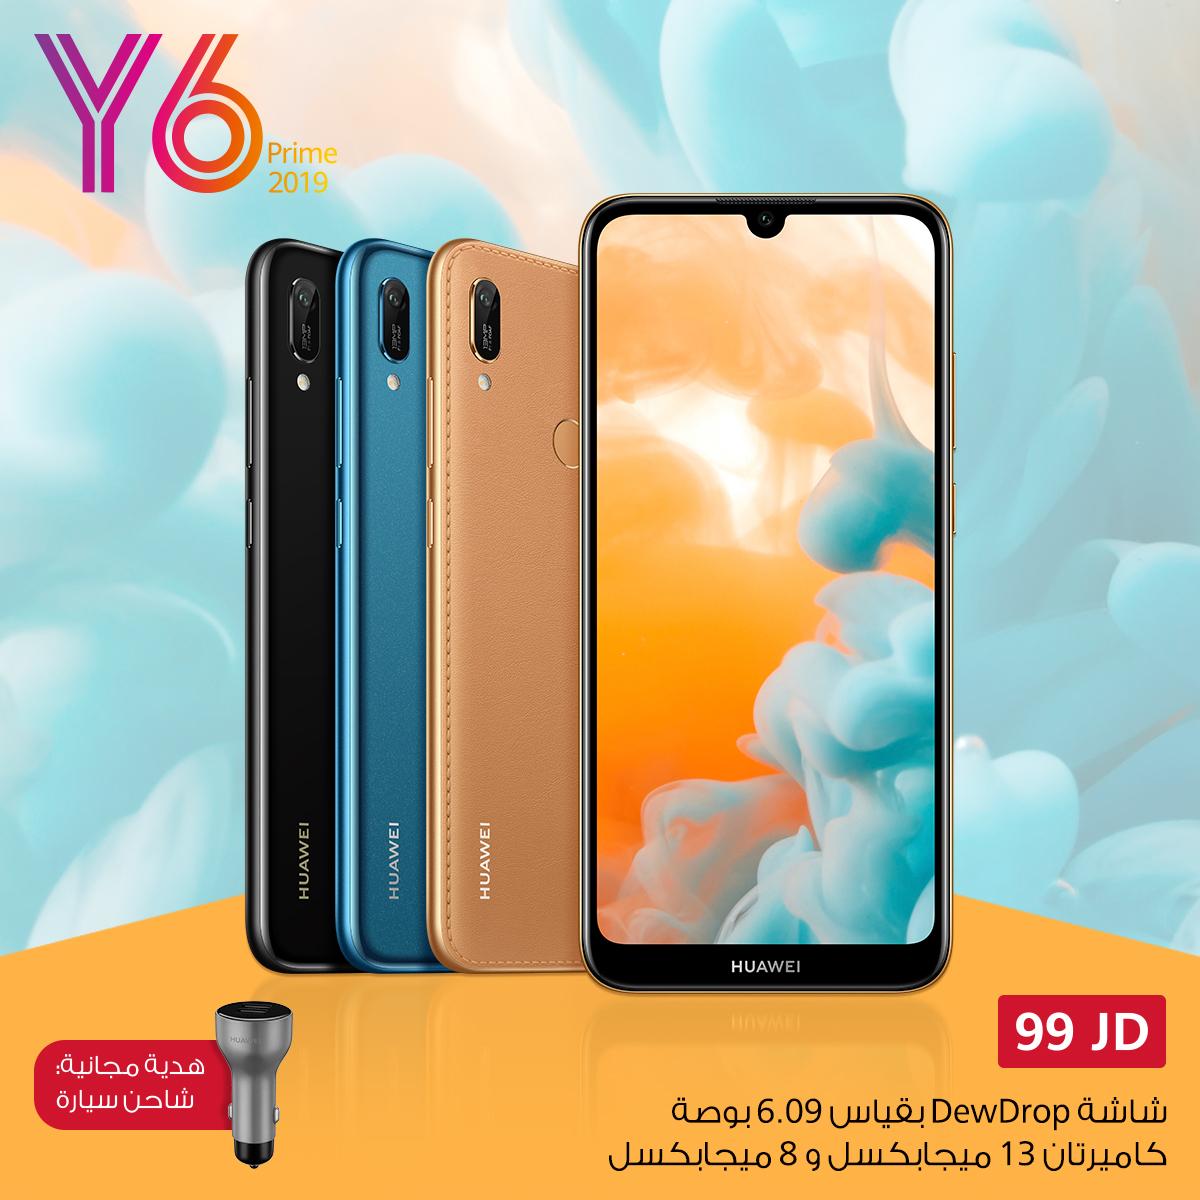 جهاز Y6 Prime 2019 الجديد من Huawei صحيفة المقر